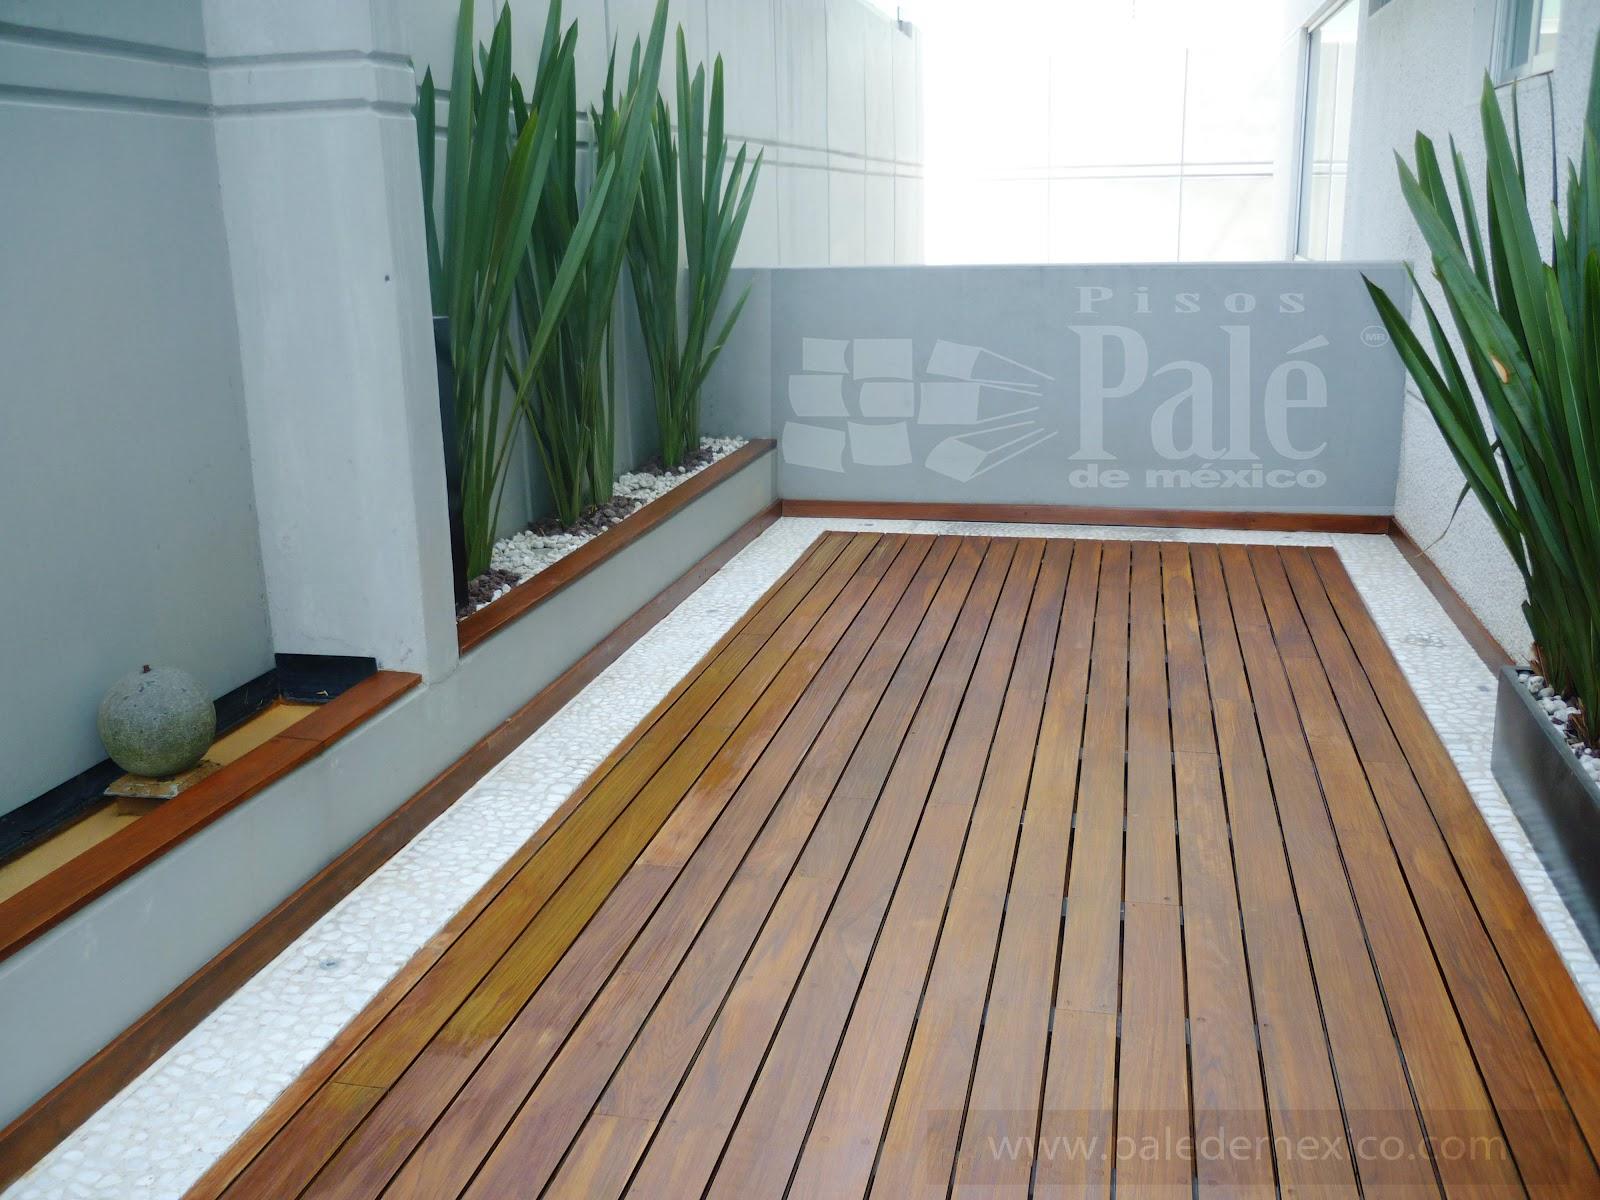 Suelos de madera para exteriores with suelos de madera for Pisos de madera para exteriores